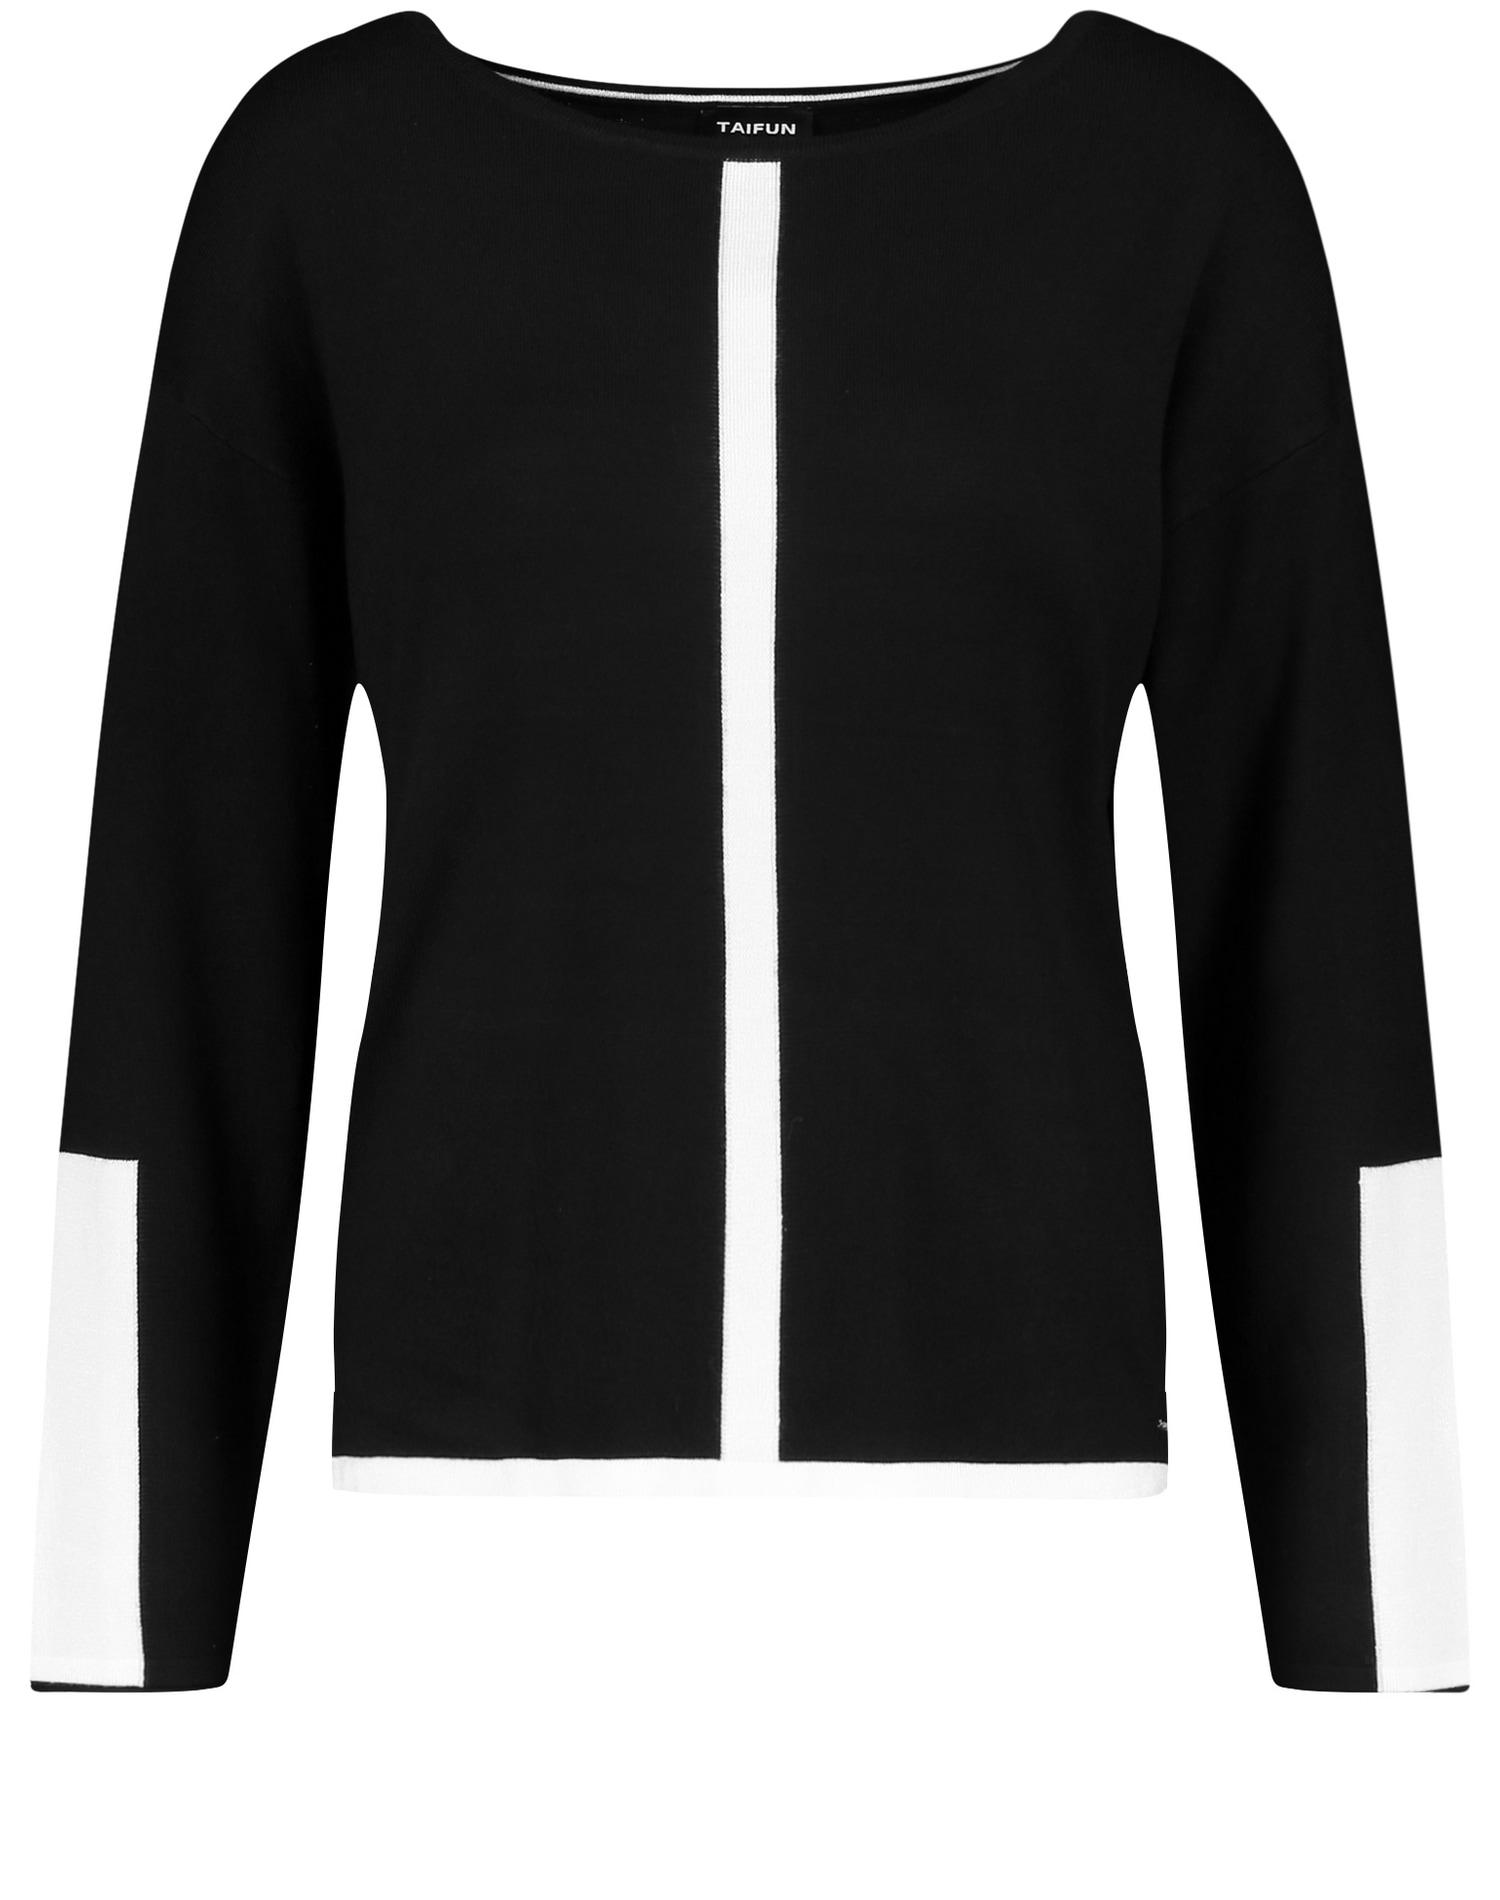 taifun -  Strickpullover Pullover mit Kontrast-Details